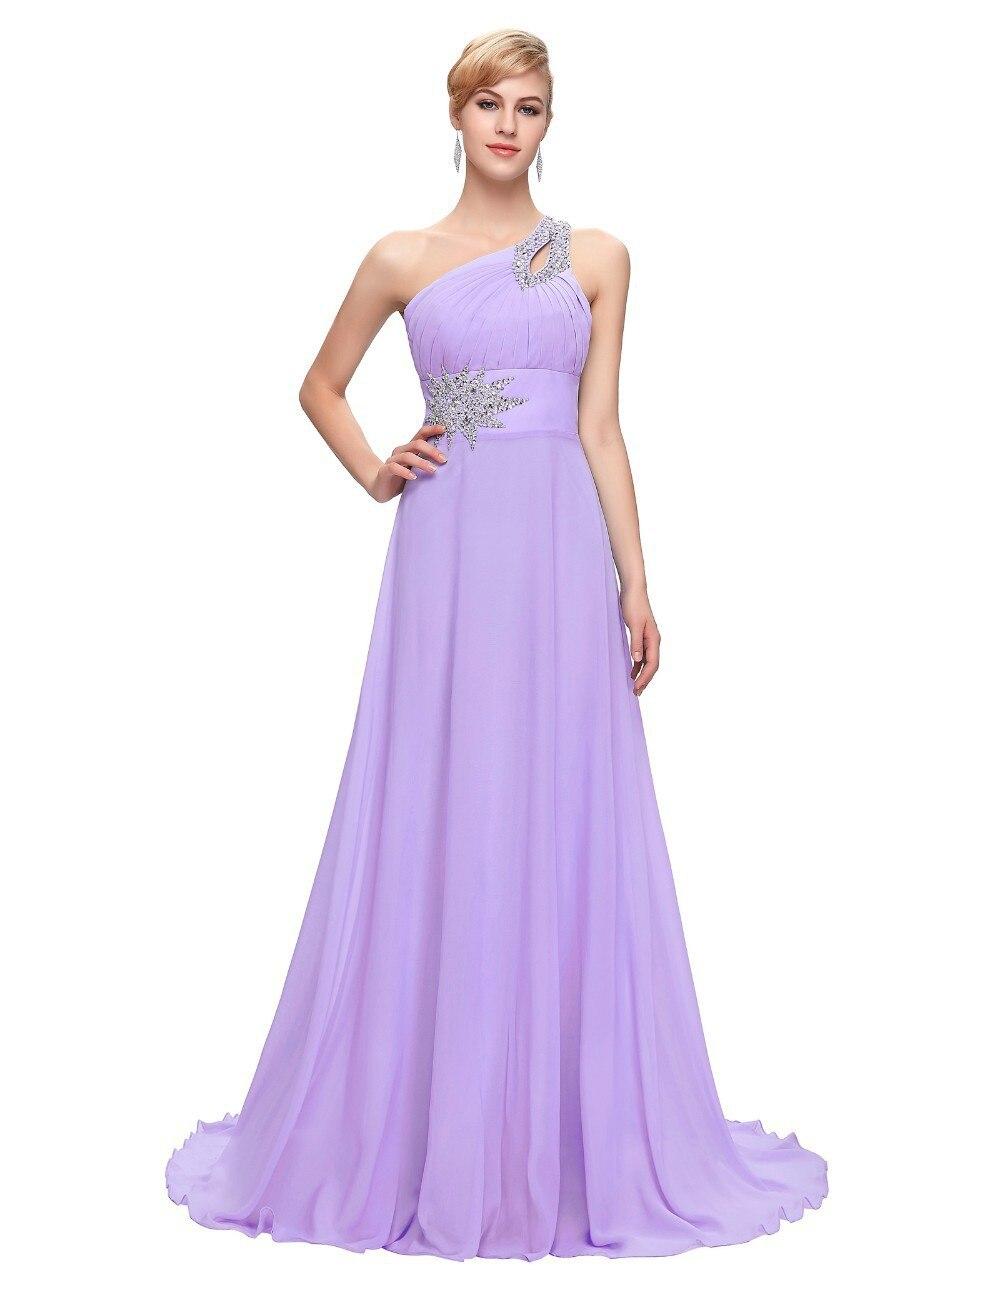 Mode une épaule perlée Robe de Demoiselle D'honneur longueur de plancher femmes Sexy robes de bal robes de mariée Robe Demoiselle D'honneur - 5